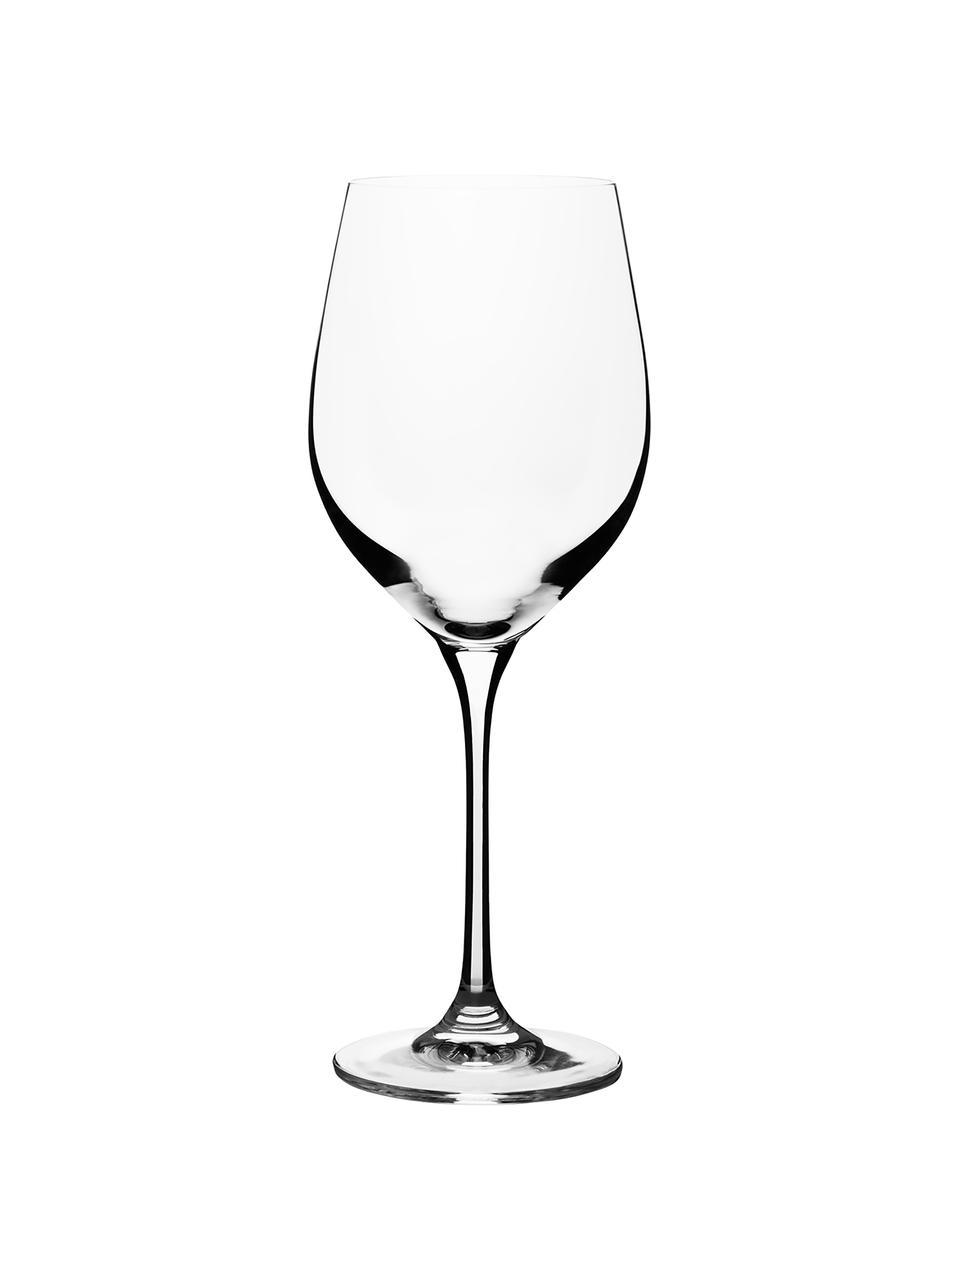 Bicchiere da vino bianco in cristallo  Harmony 6 pz, La lucentezza più preziosa - il cristallo spezza la luce in entrata in maniera particolarmente intensa. Il risultato è una brillantezza magica che rende ogni degustazione di vini un'esperienza davvero speciale, Trasparente, Ø 9 x Alt. 22 cm